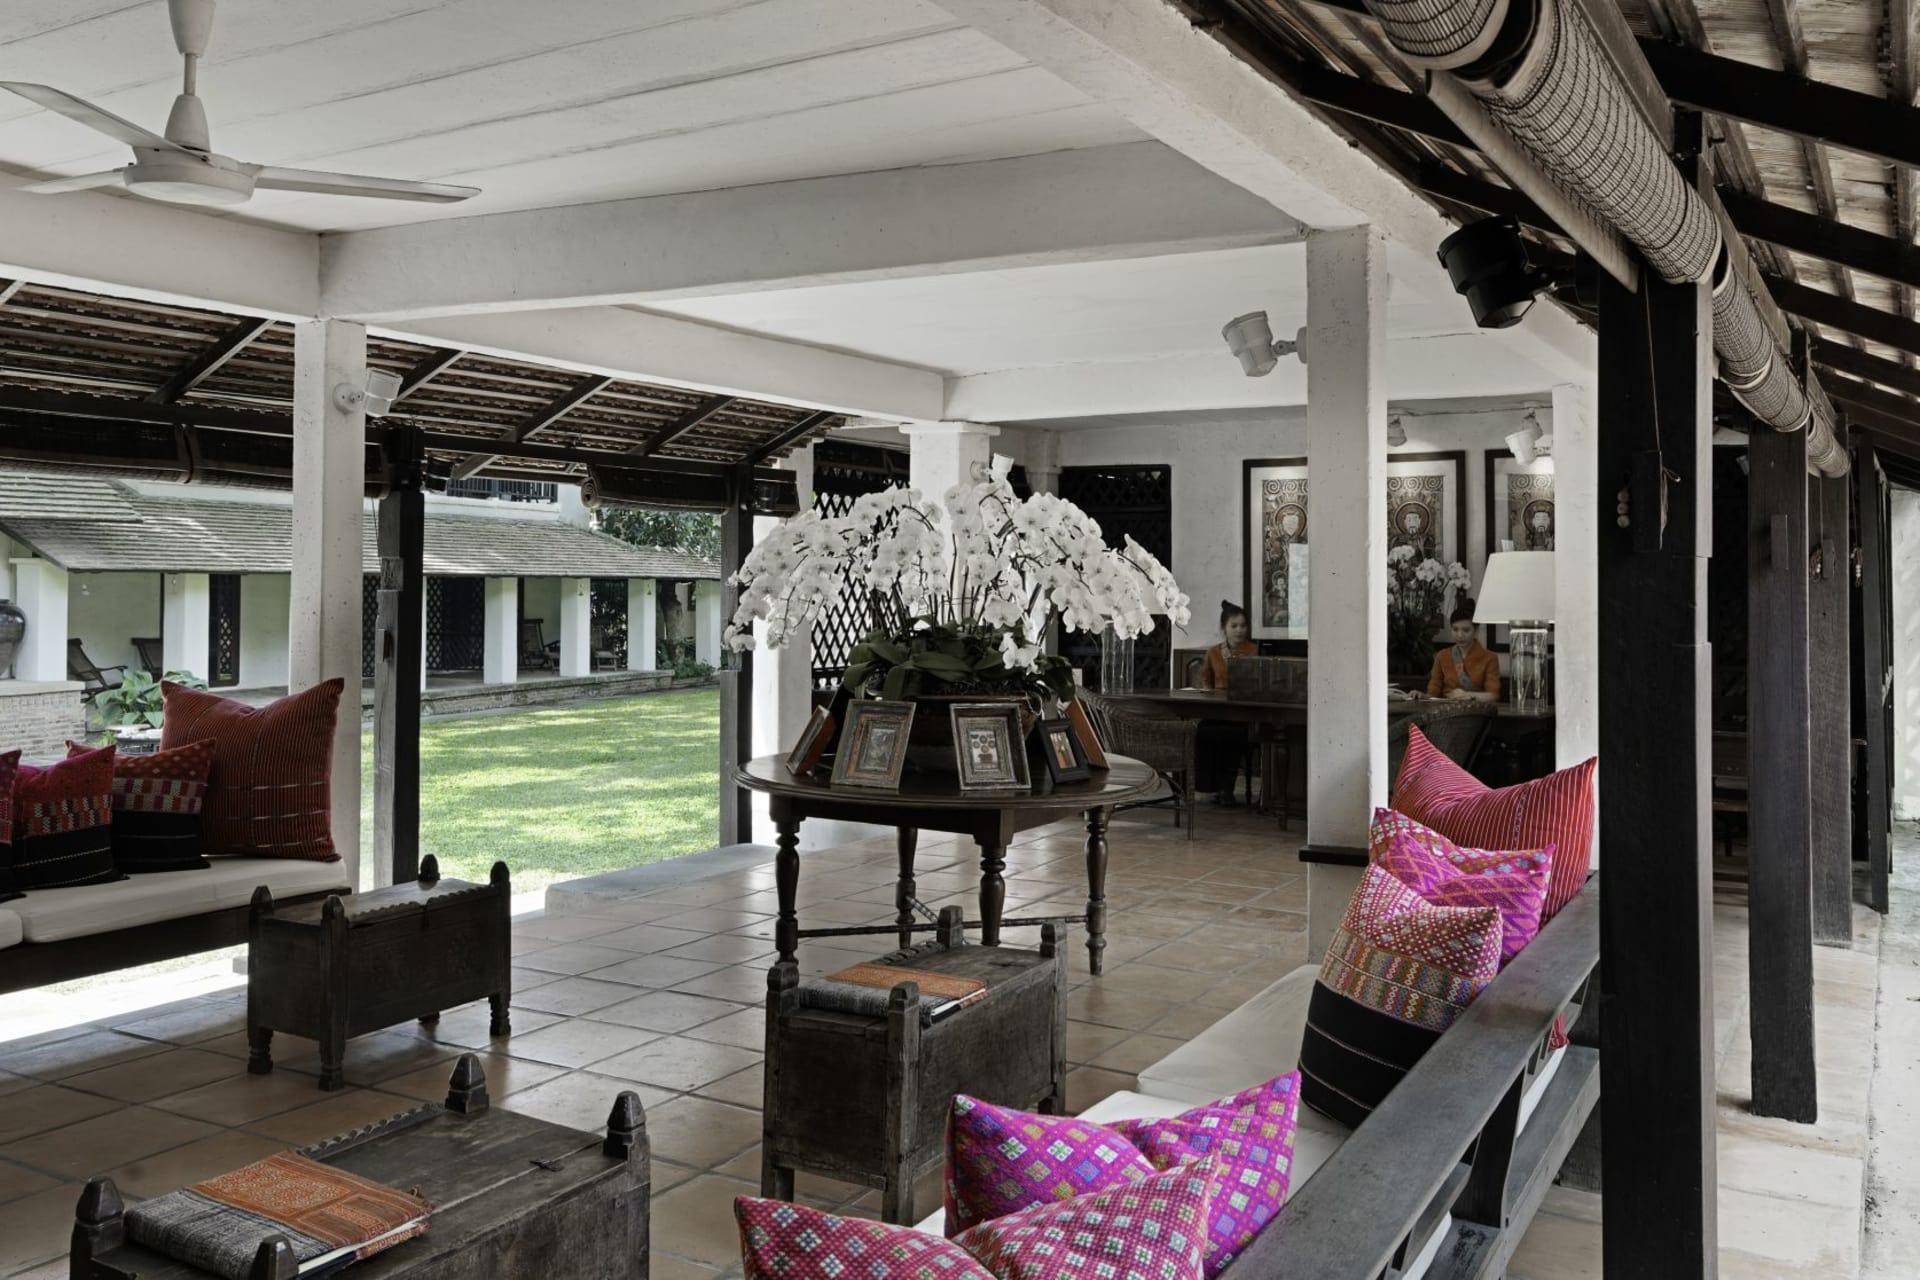 facilities: Hotel Lobby